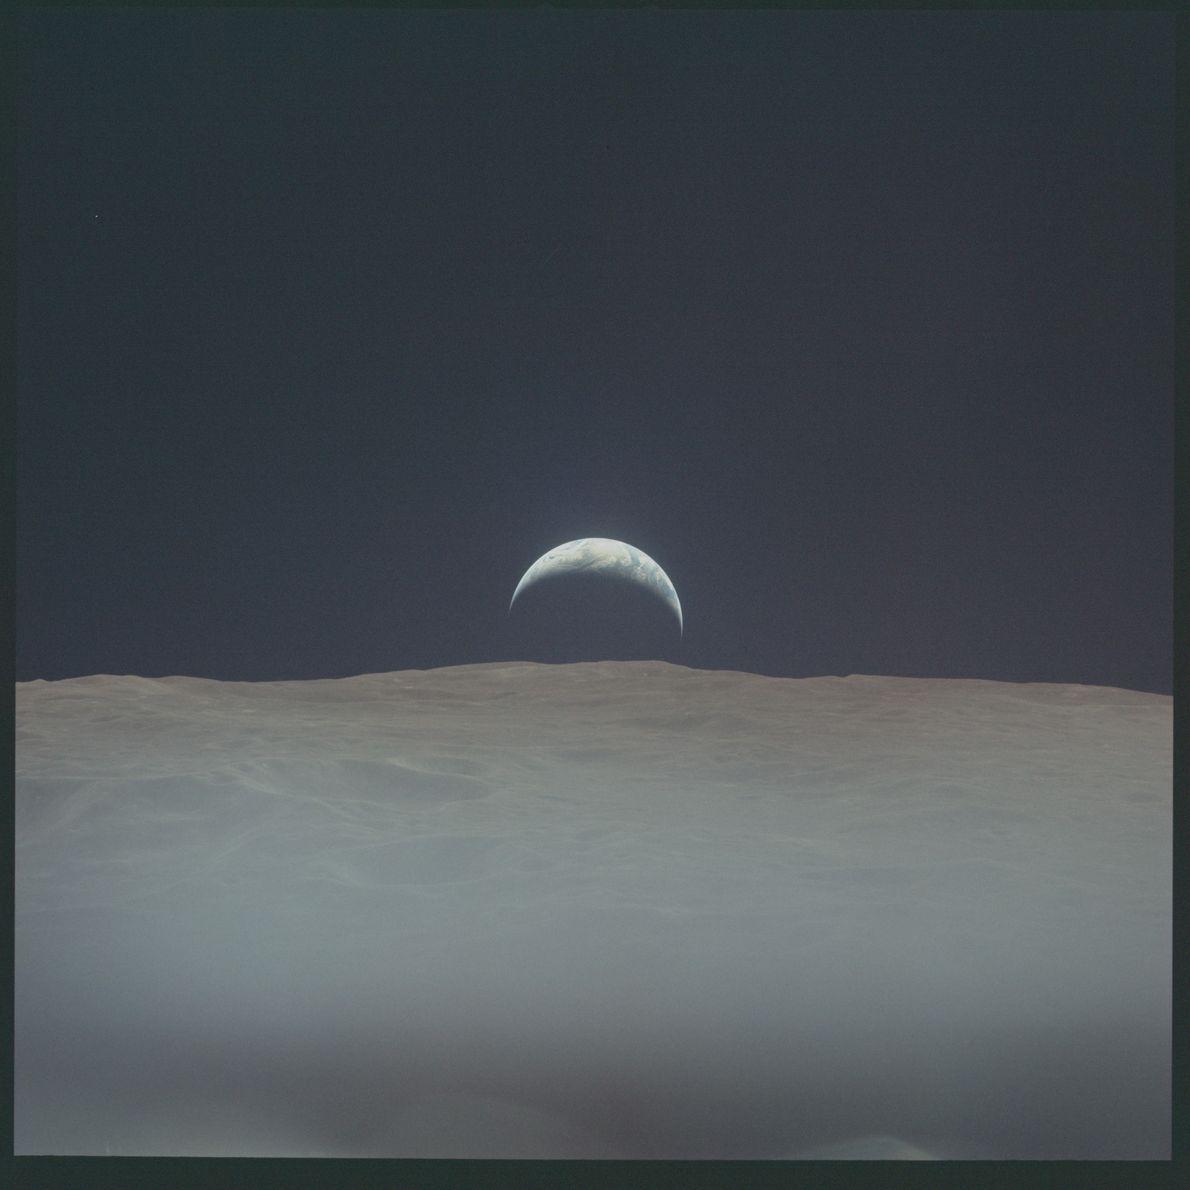 Imagem do nascer da Terra do Apolo 12